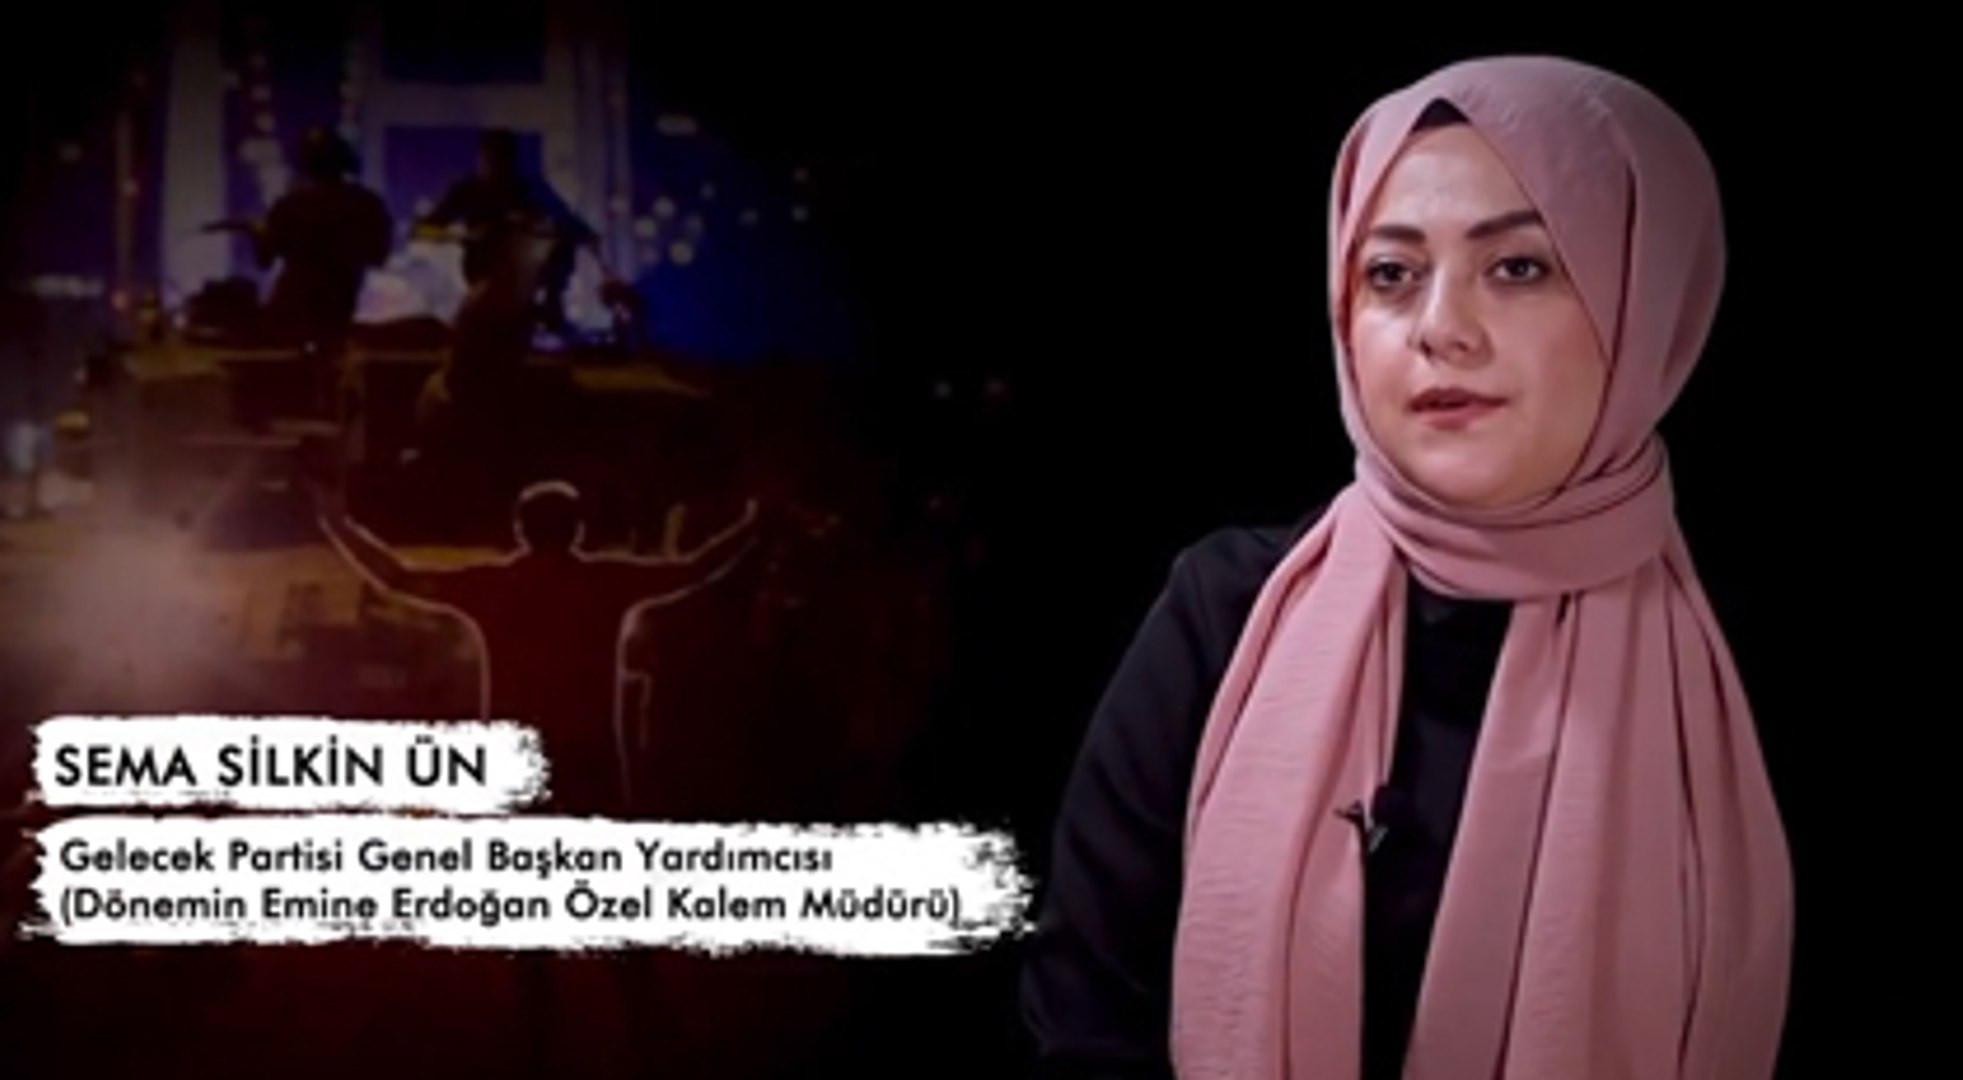 Abdullah Gül'ü ve Ahmet Davutoğlu'nu anons ettiği için kovuldu!